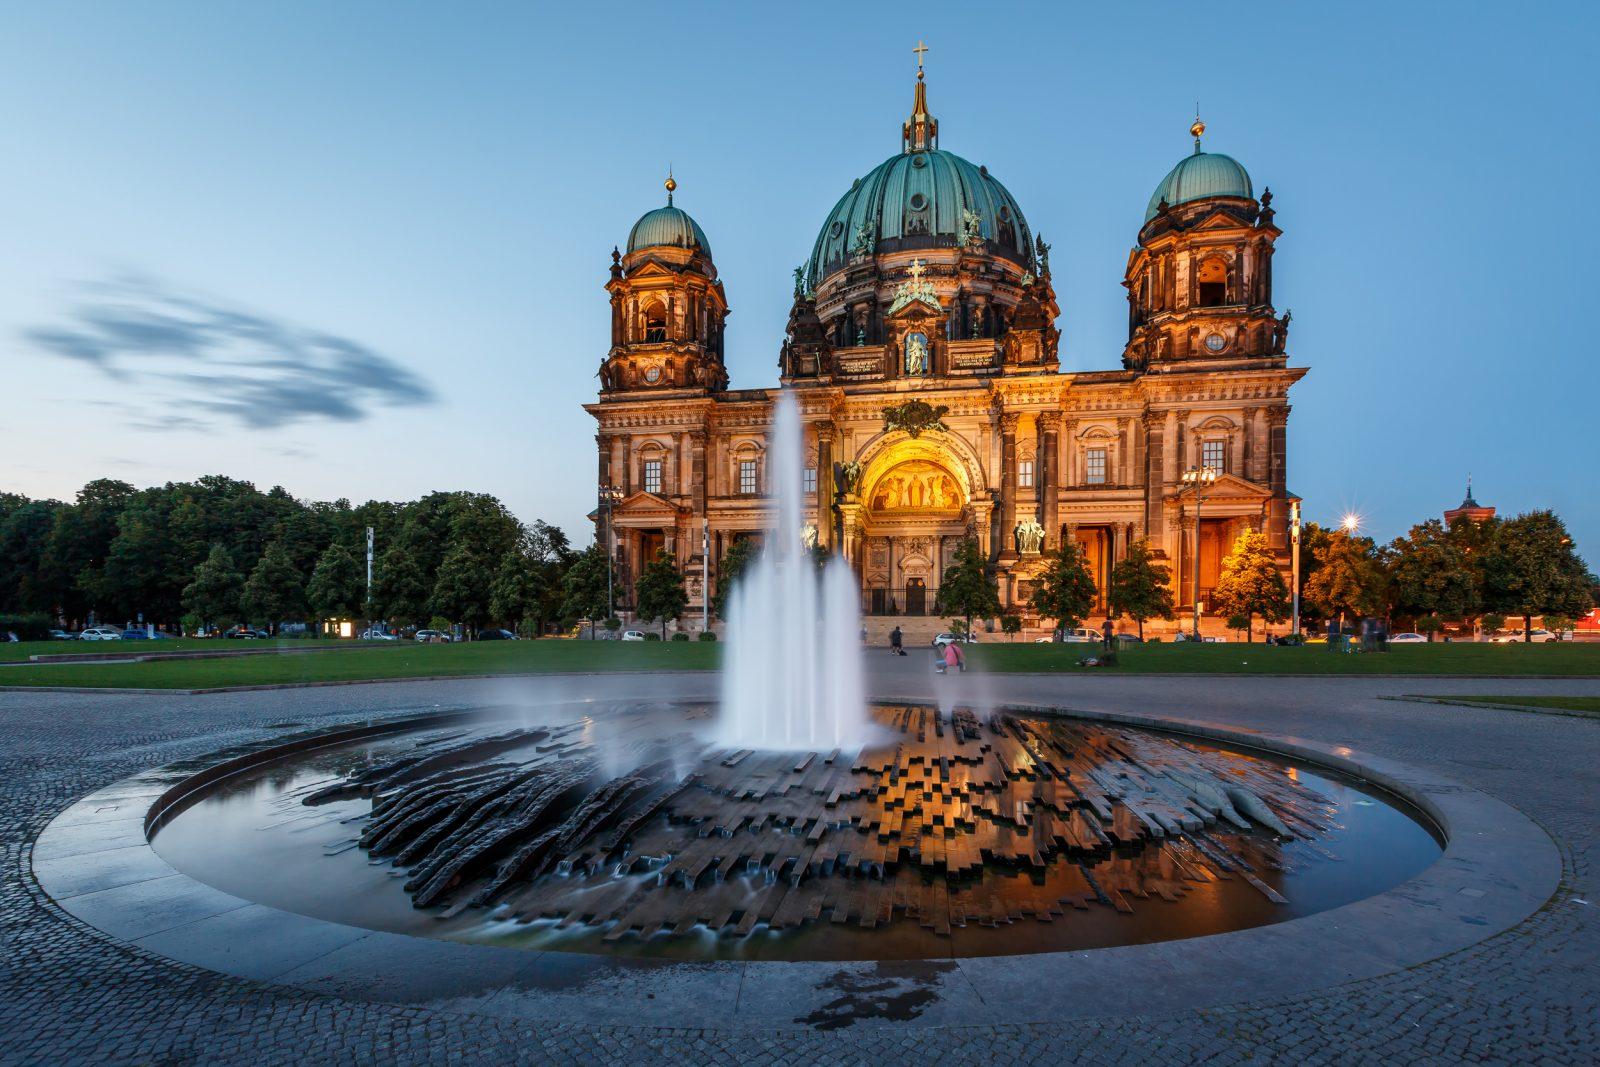 Fountains Germany Berlin 469399 - Поехать в Германию самостоятельно